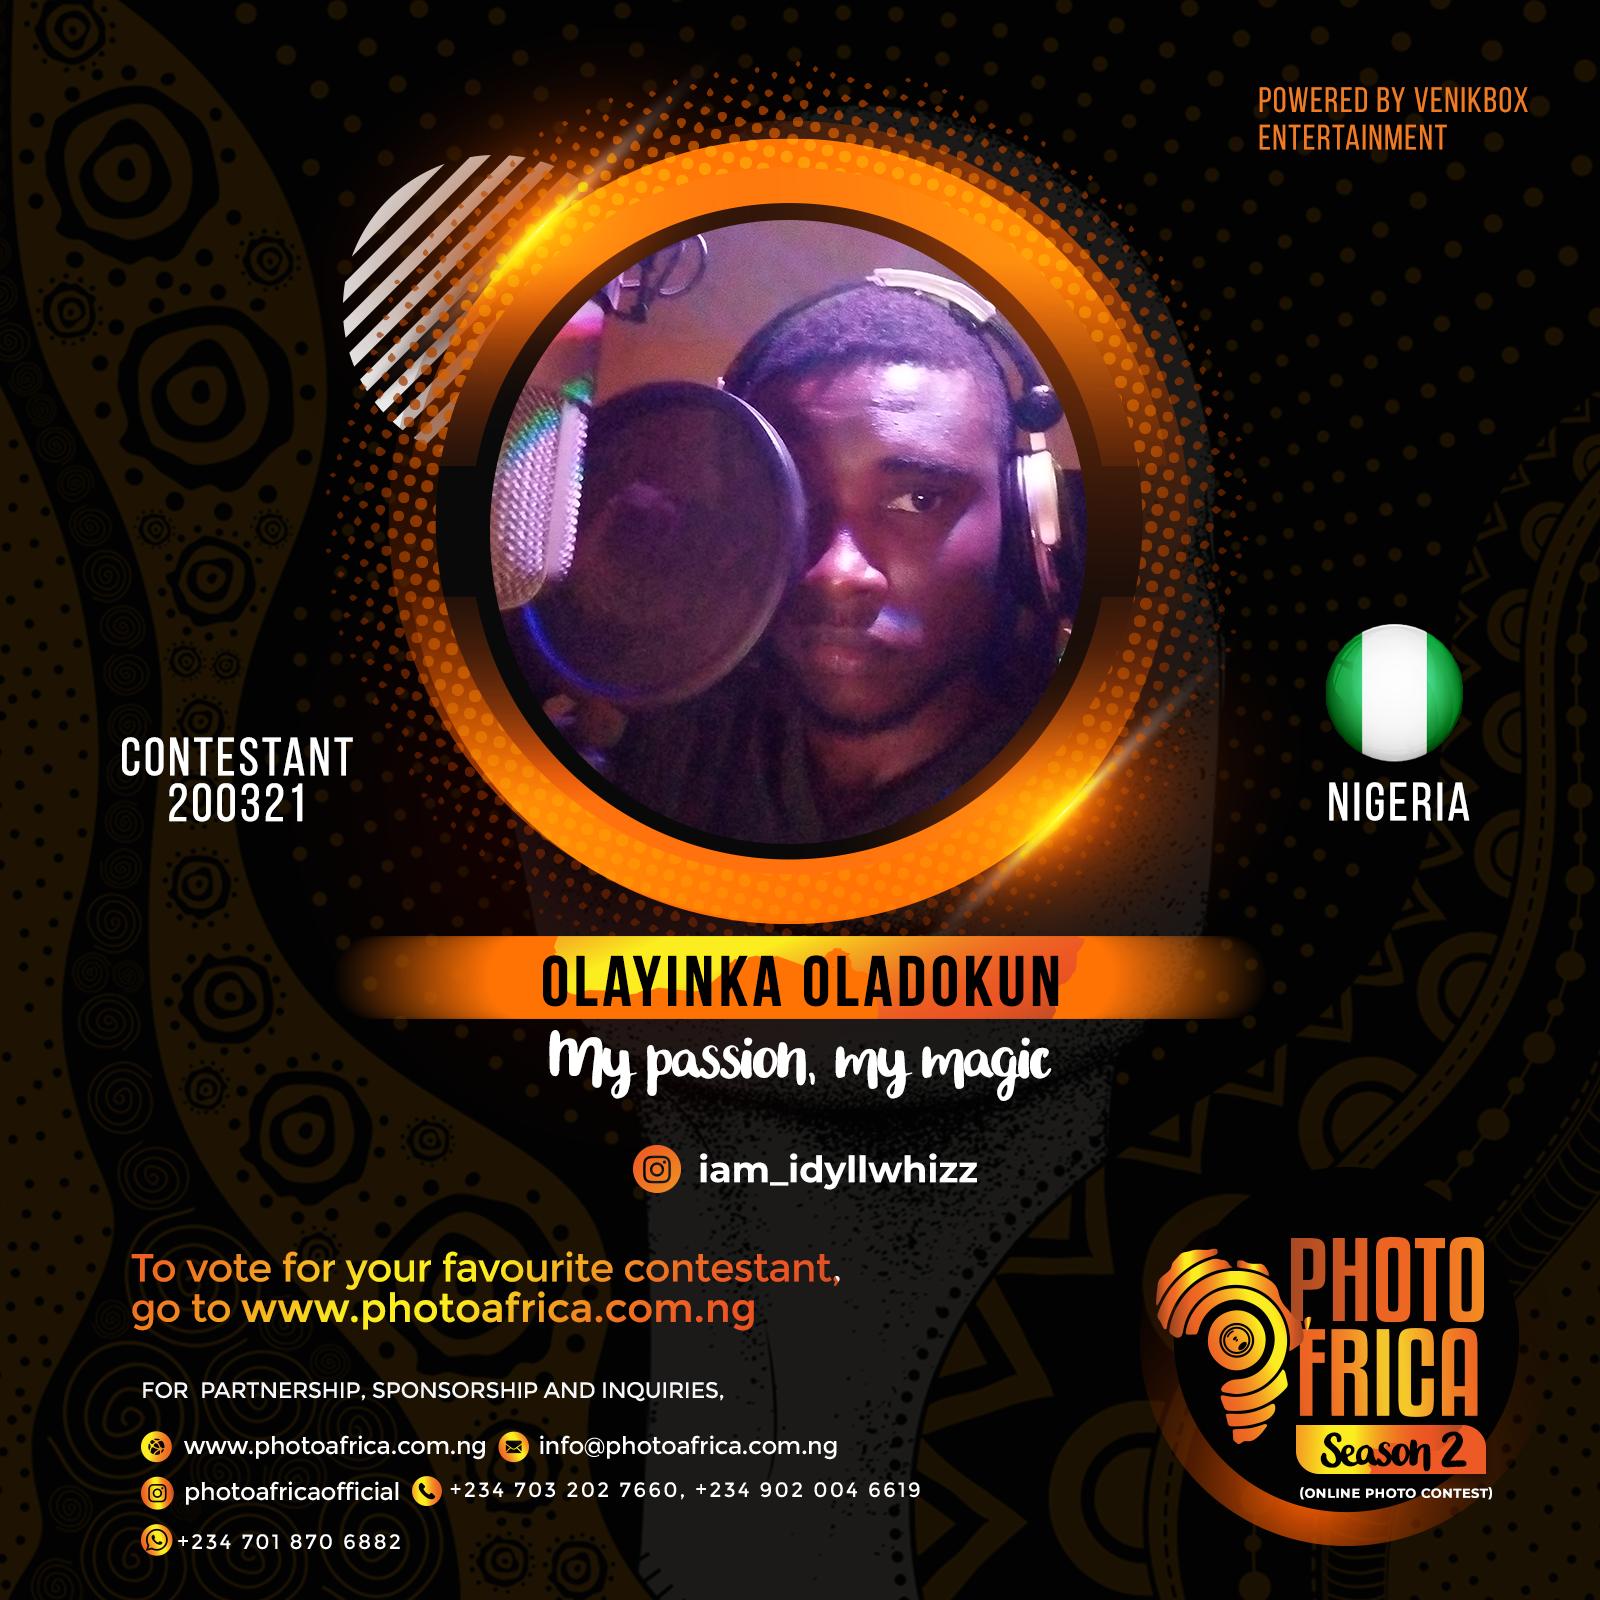 Olayinka Oladokun's Artwork